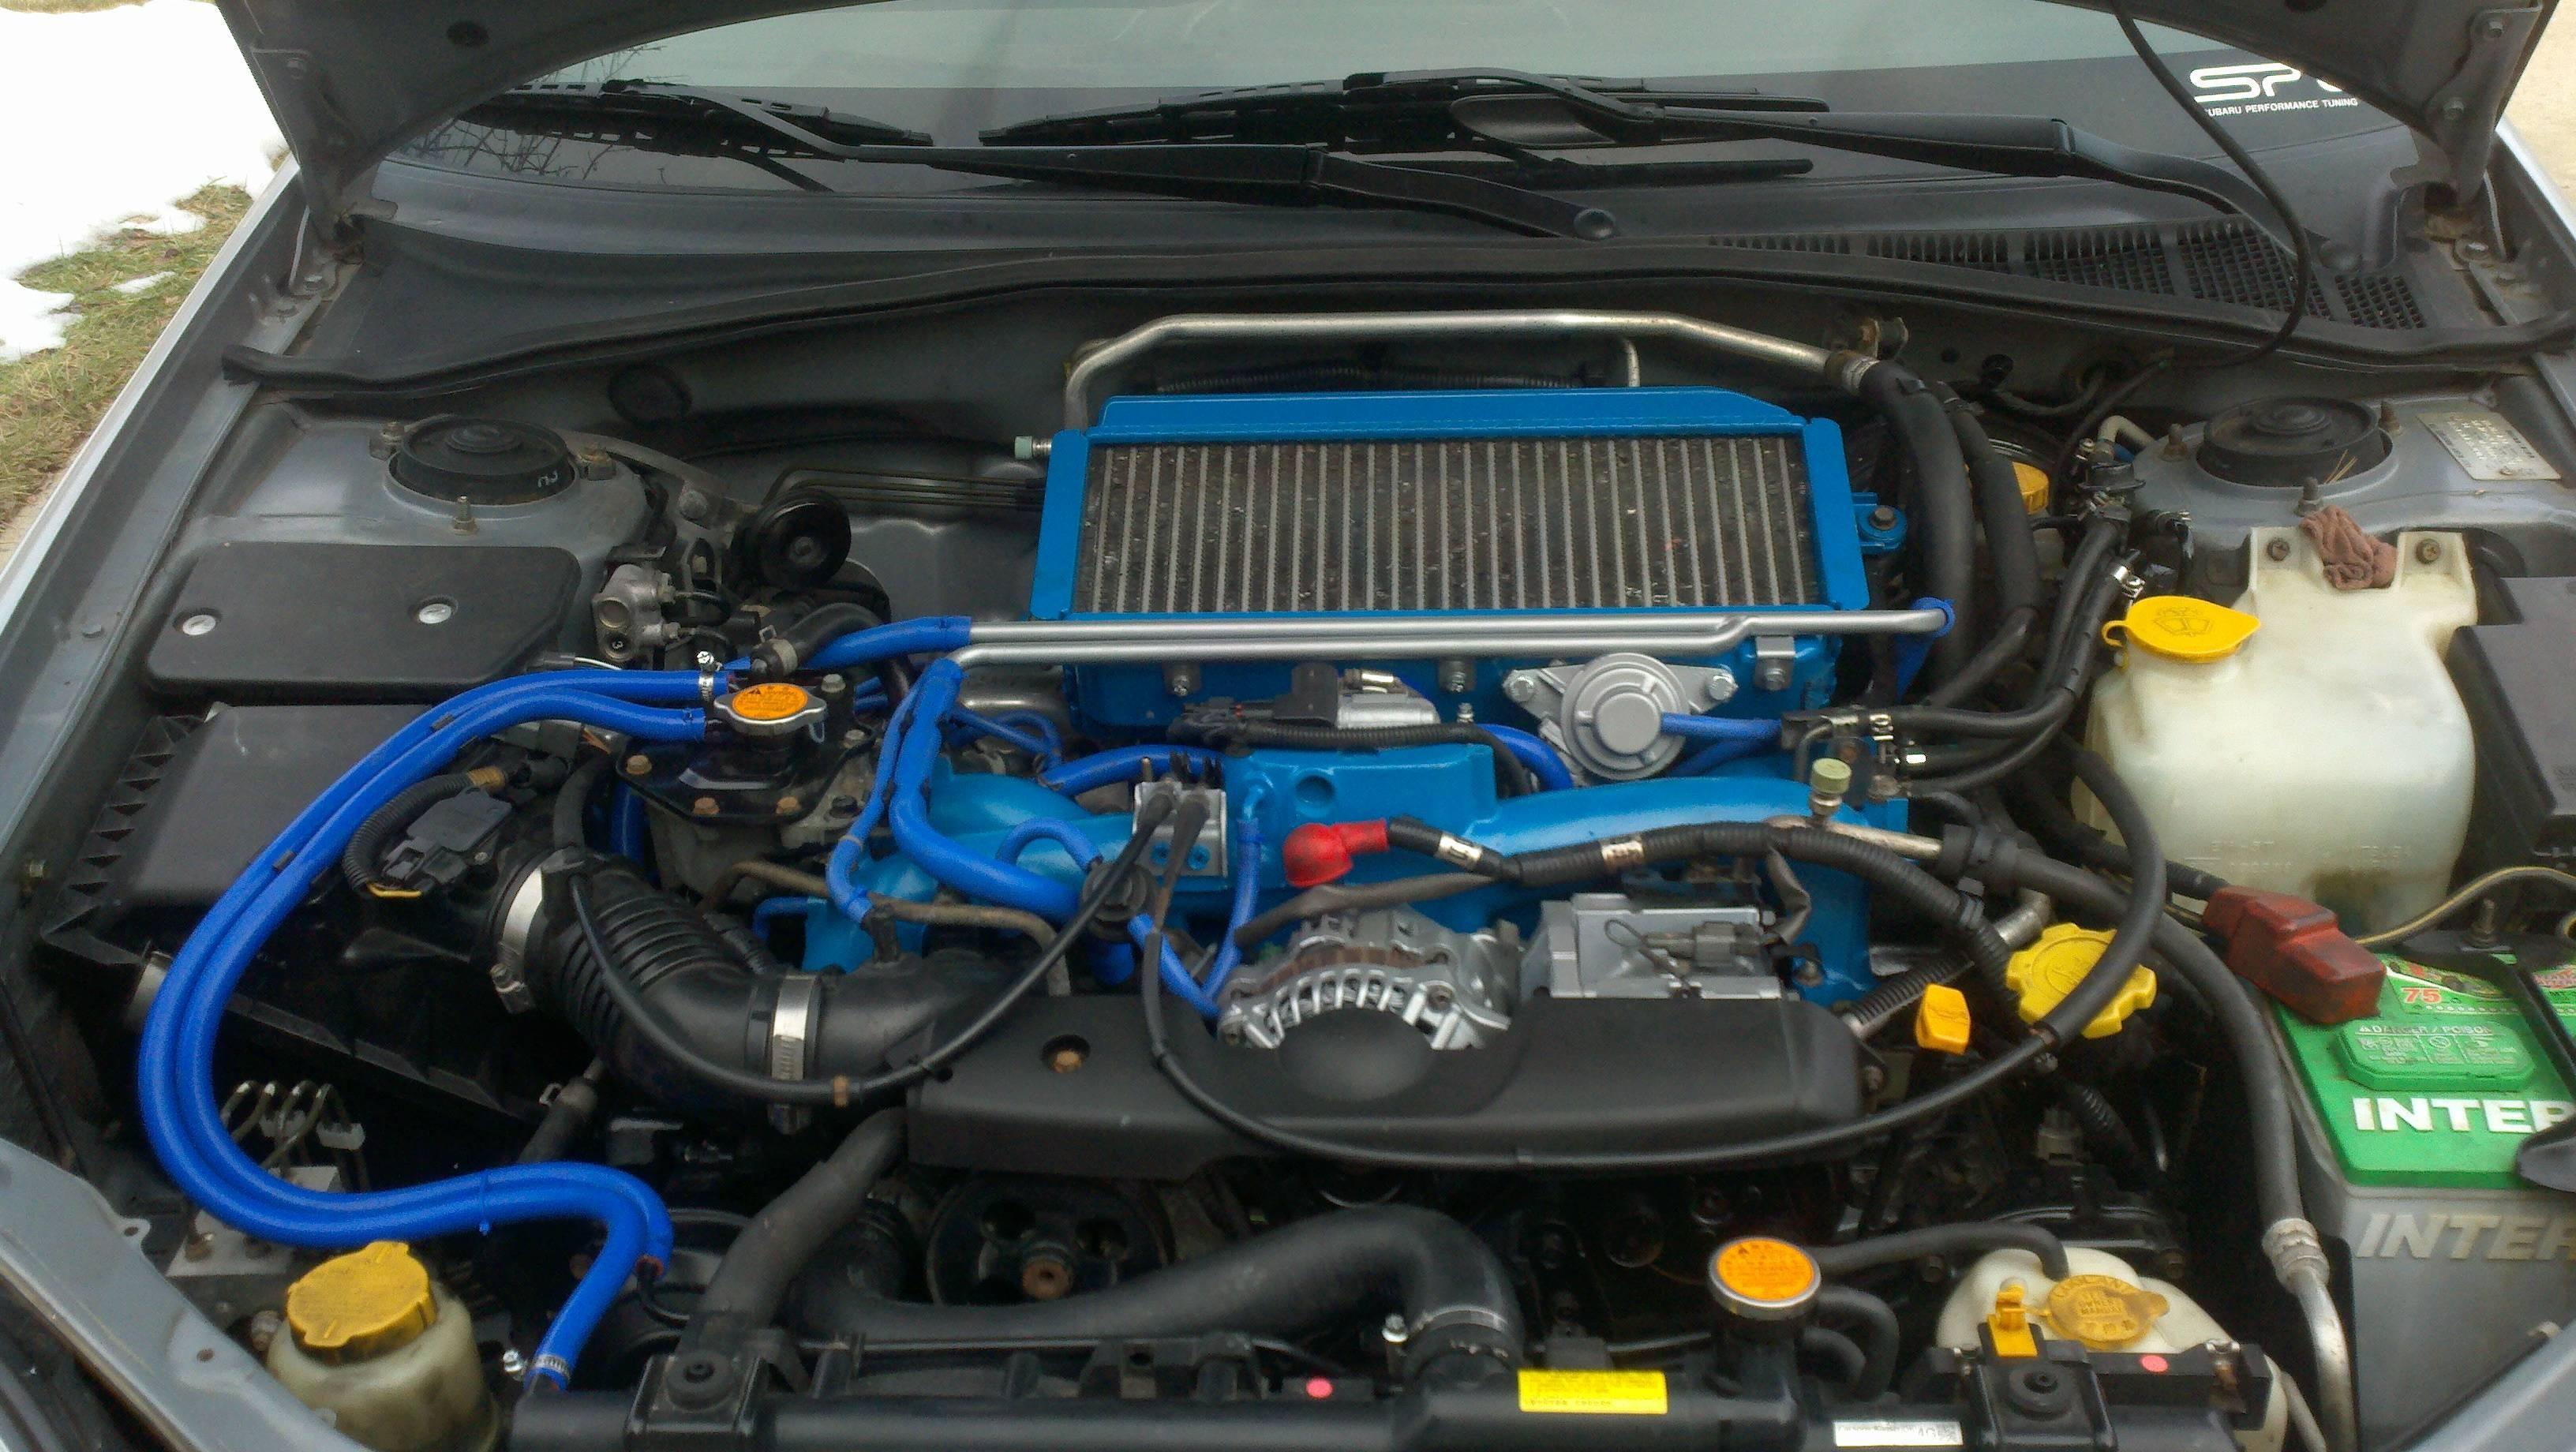 2002 Subaru Wrx Engine Diagram Replace All Vacuum Hoses Nasioc Of 2002 Subaru Wrx Engine Diagram